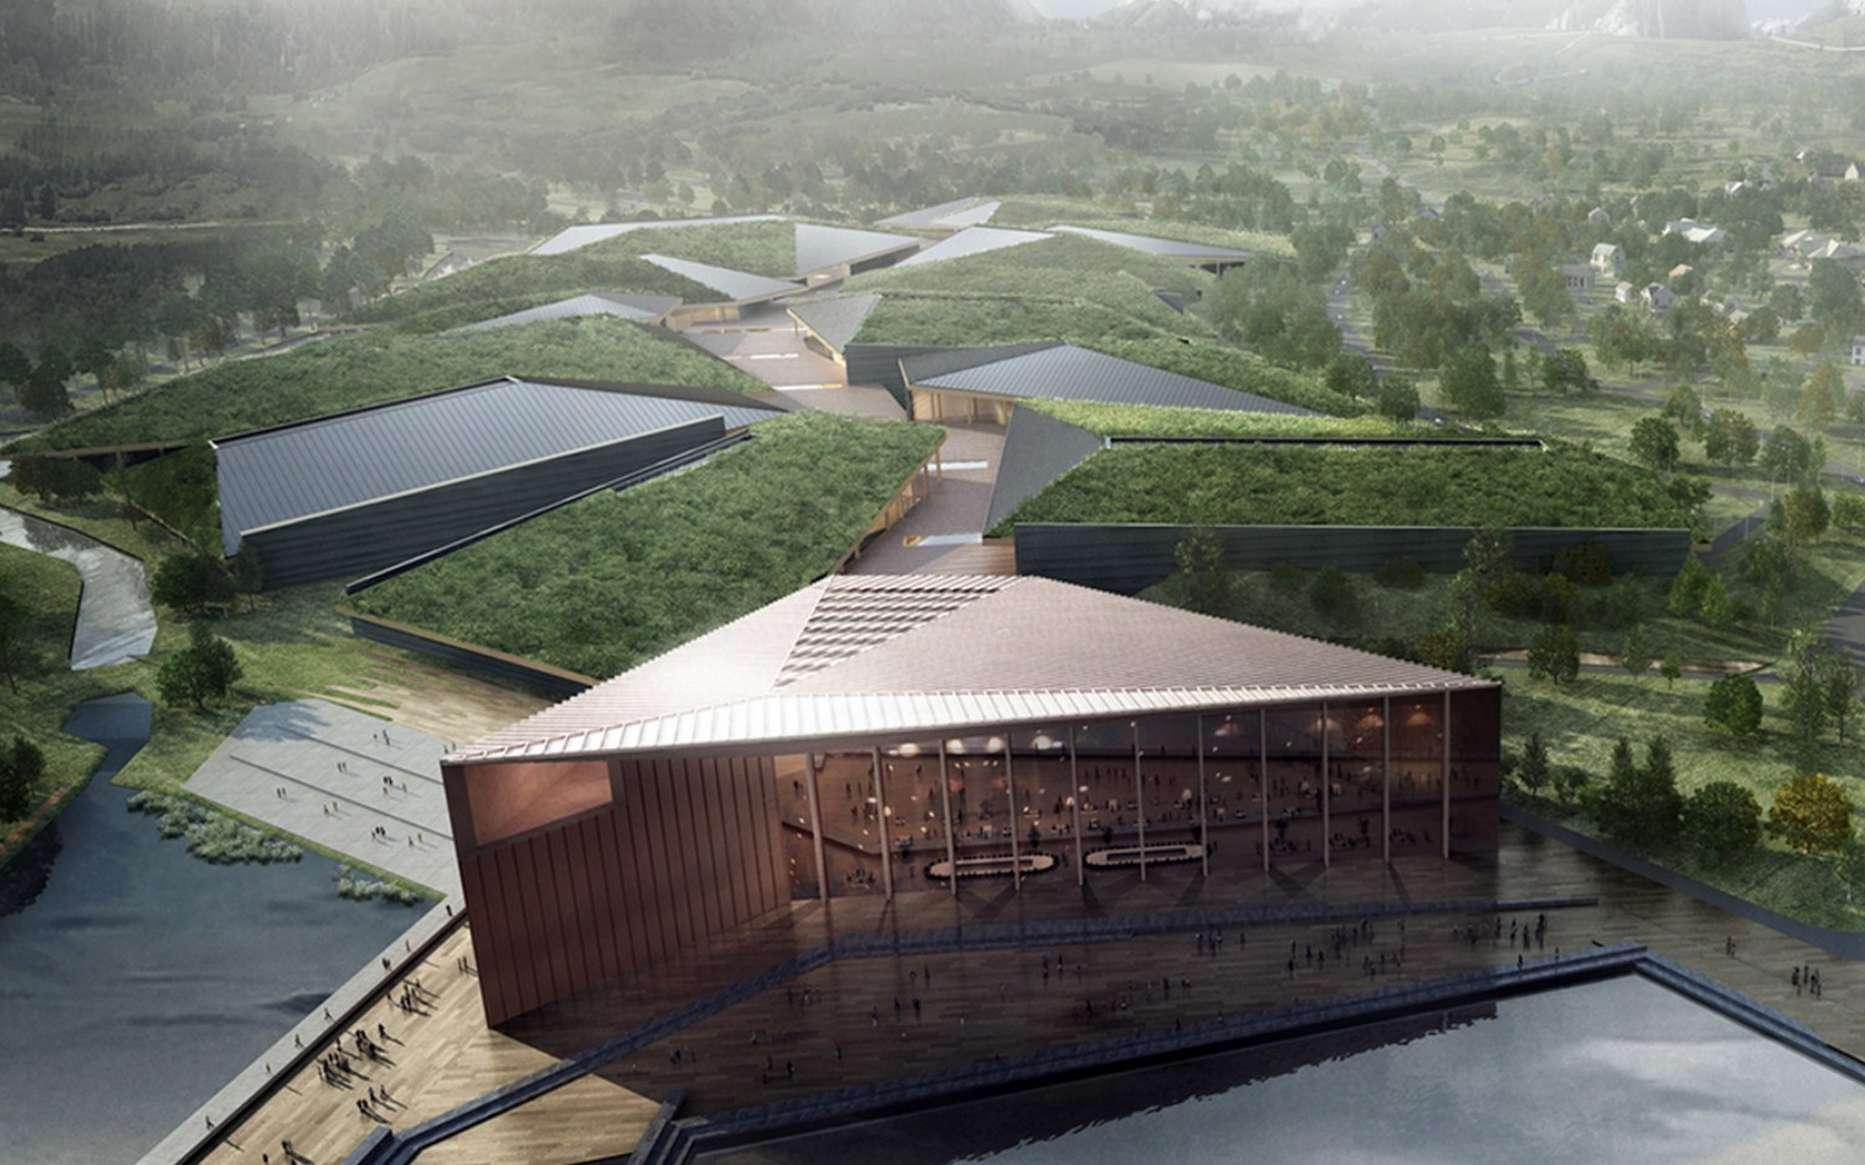 Cette représentation nous montre à quoi ressemblera le plus grand centre de données du monde implanté dans le nord de la Norvège. © Kolos, HDR